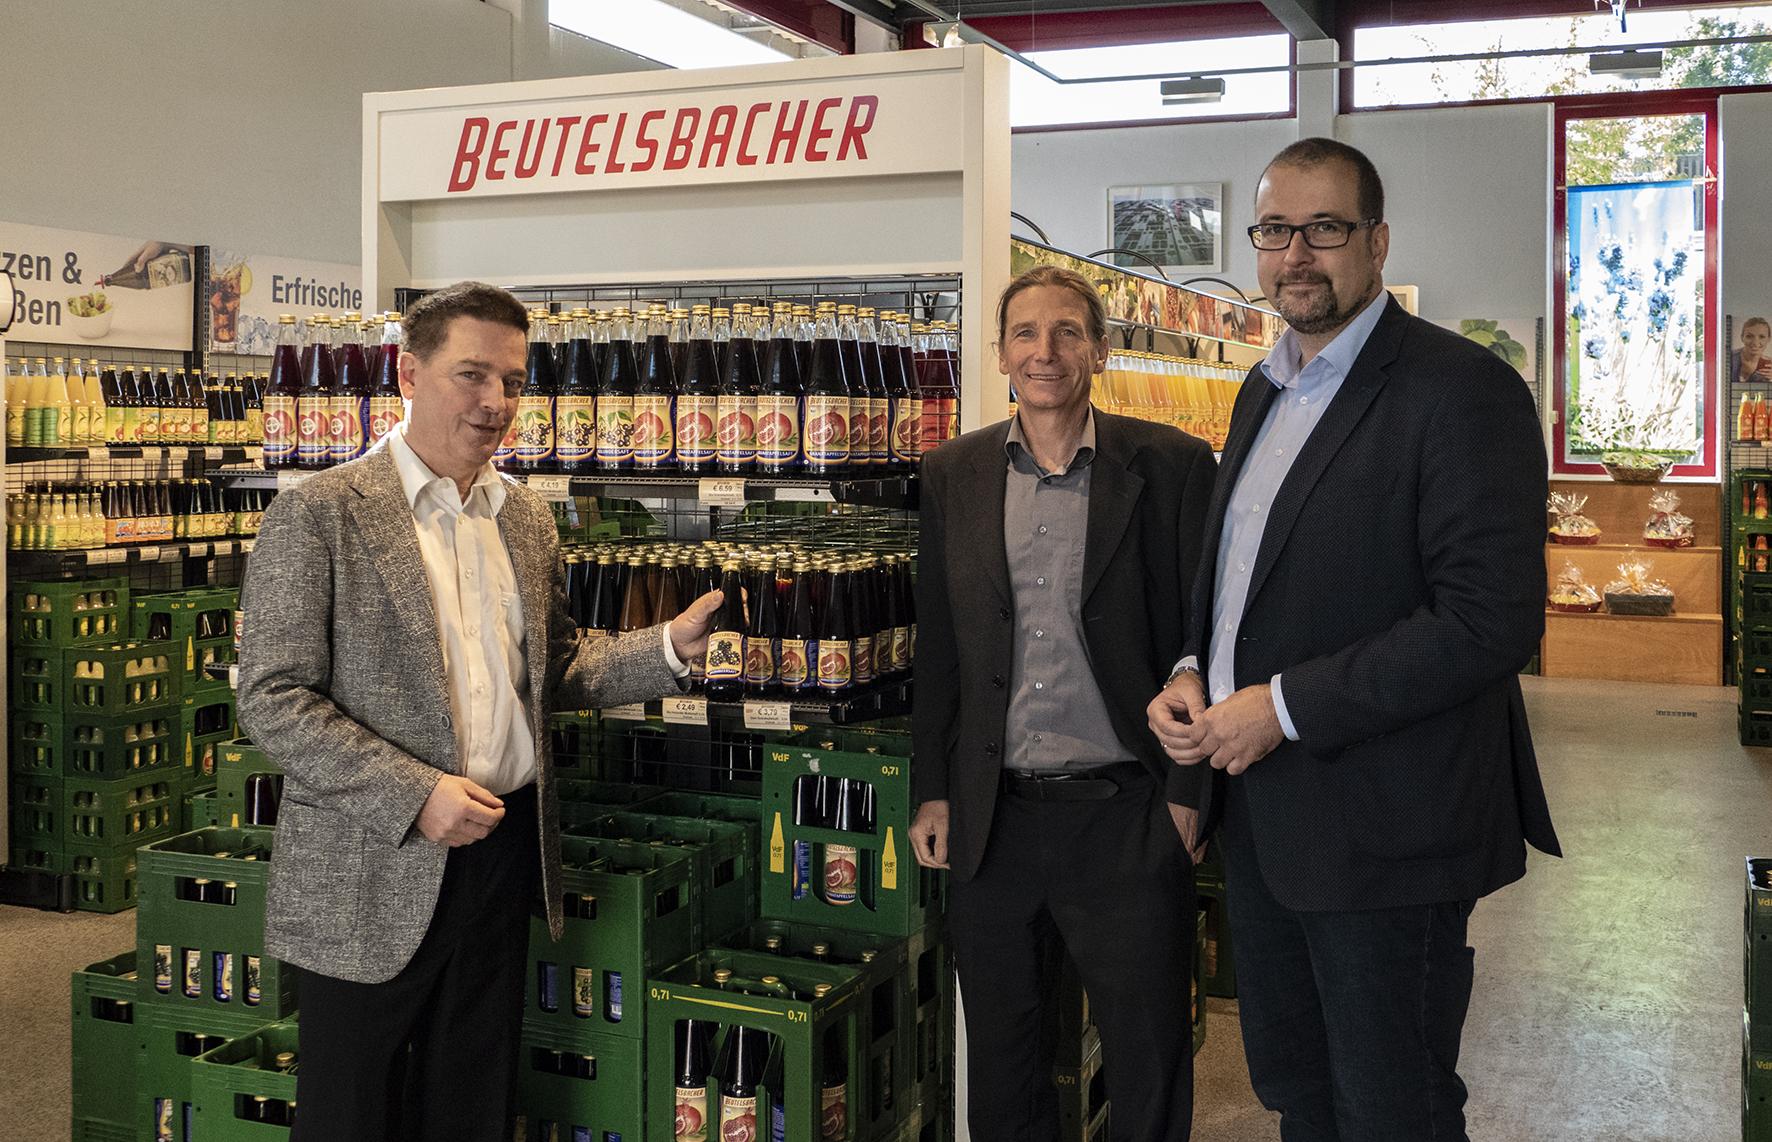 Die Geschäftsführer Thomas und Matthias Maier mit Herrn Oberbürgermeiser Scharmann (v.l.)